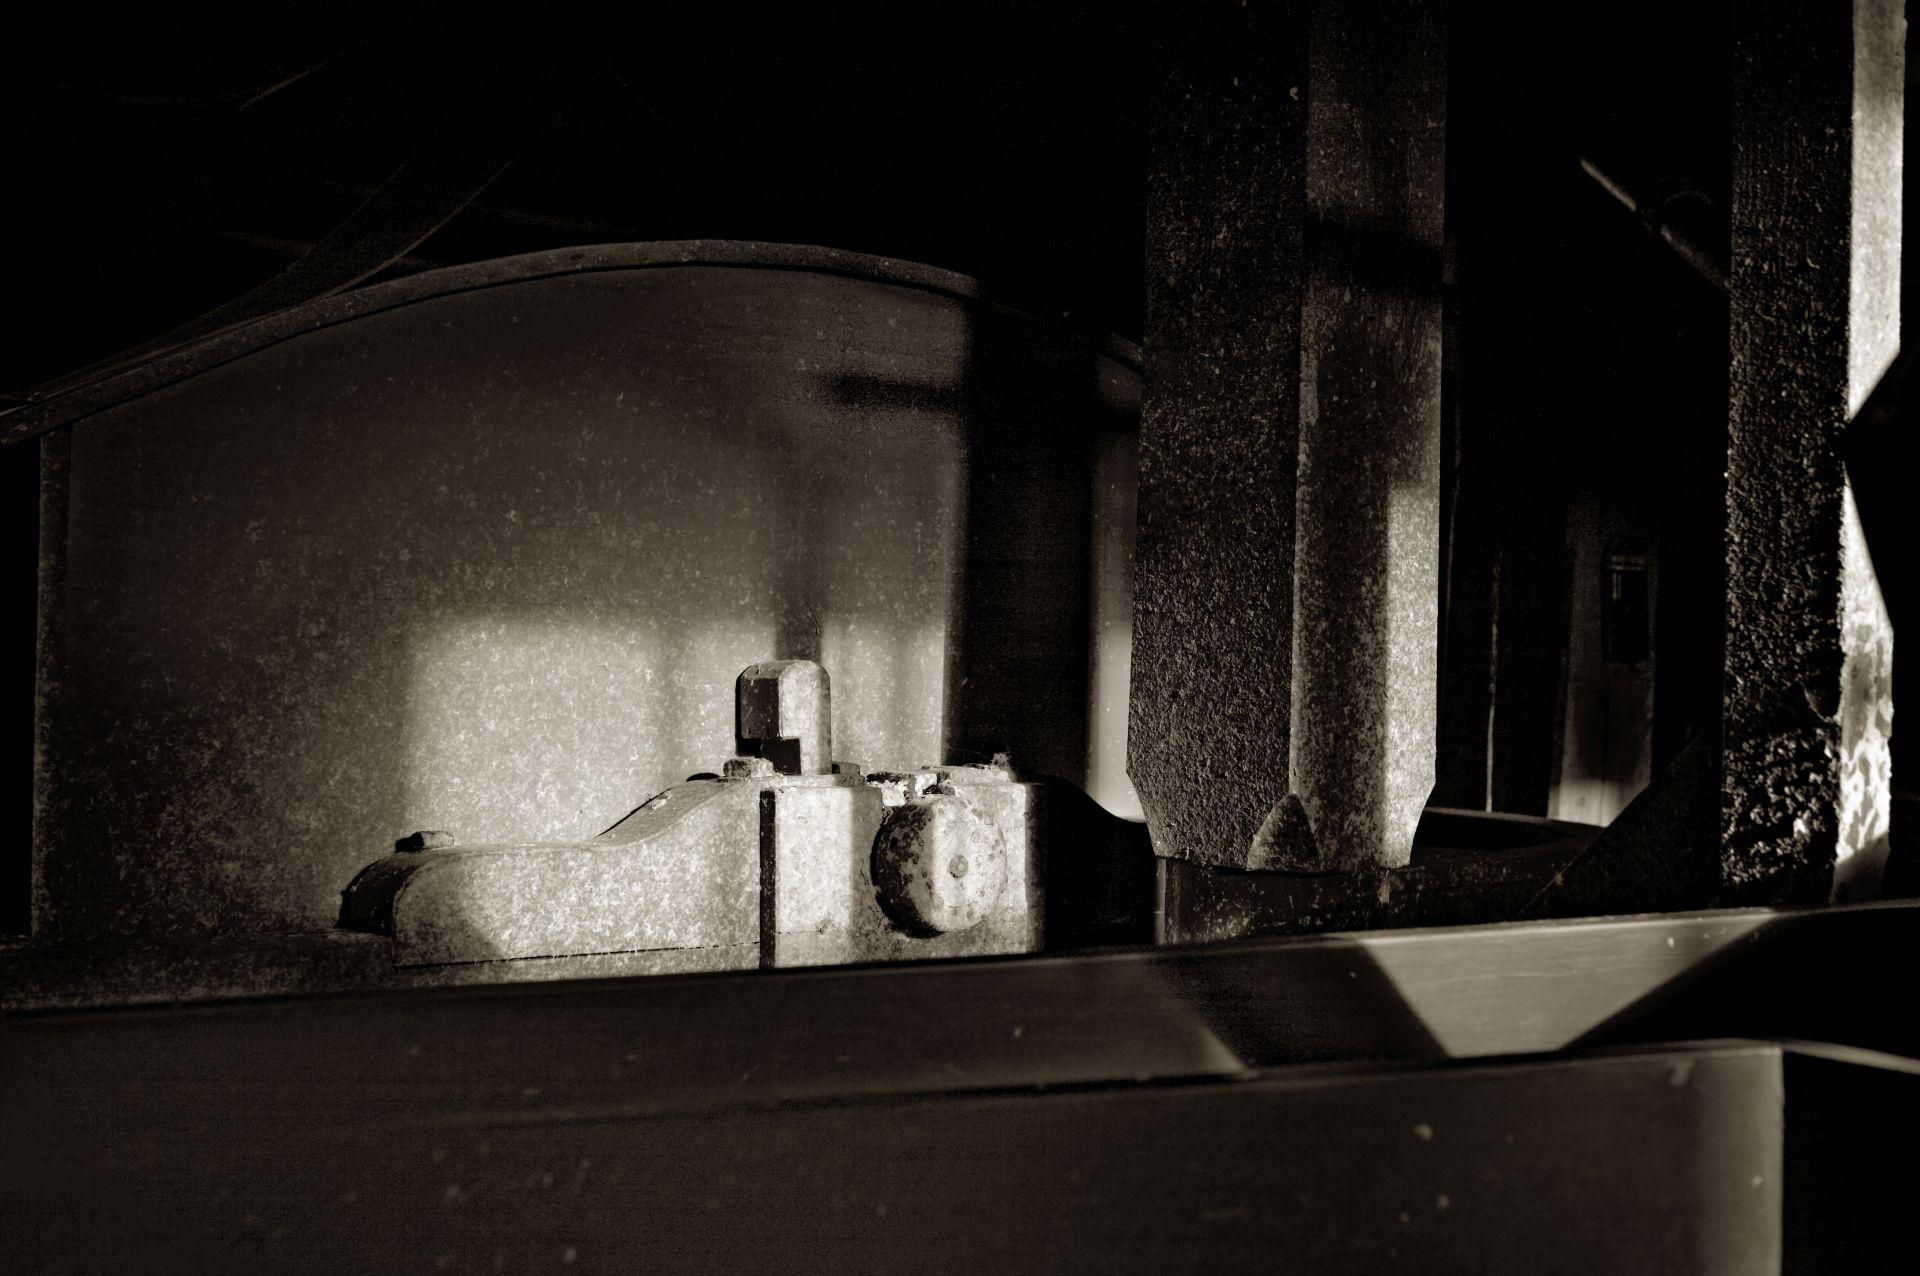 L De Stad Interieurs papiermolen (5)